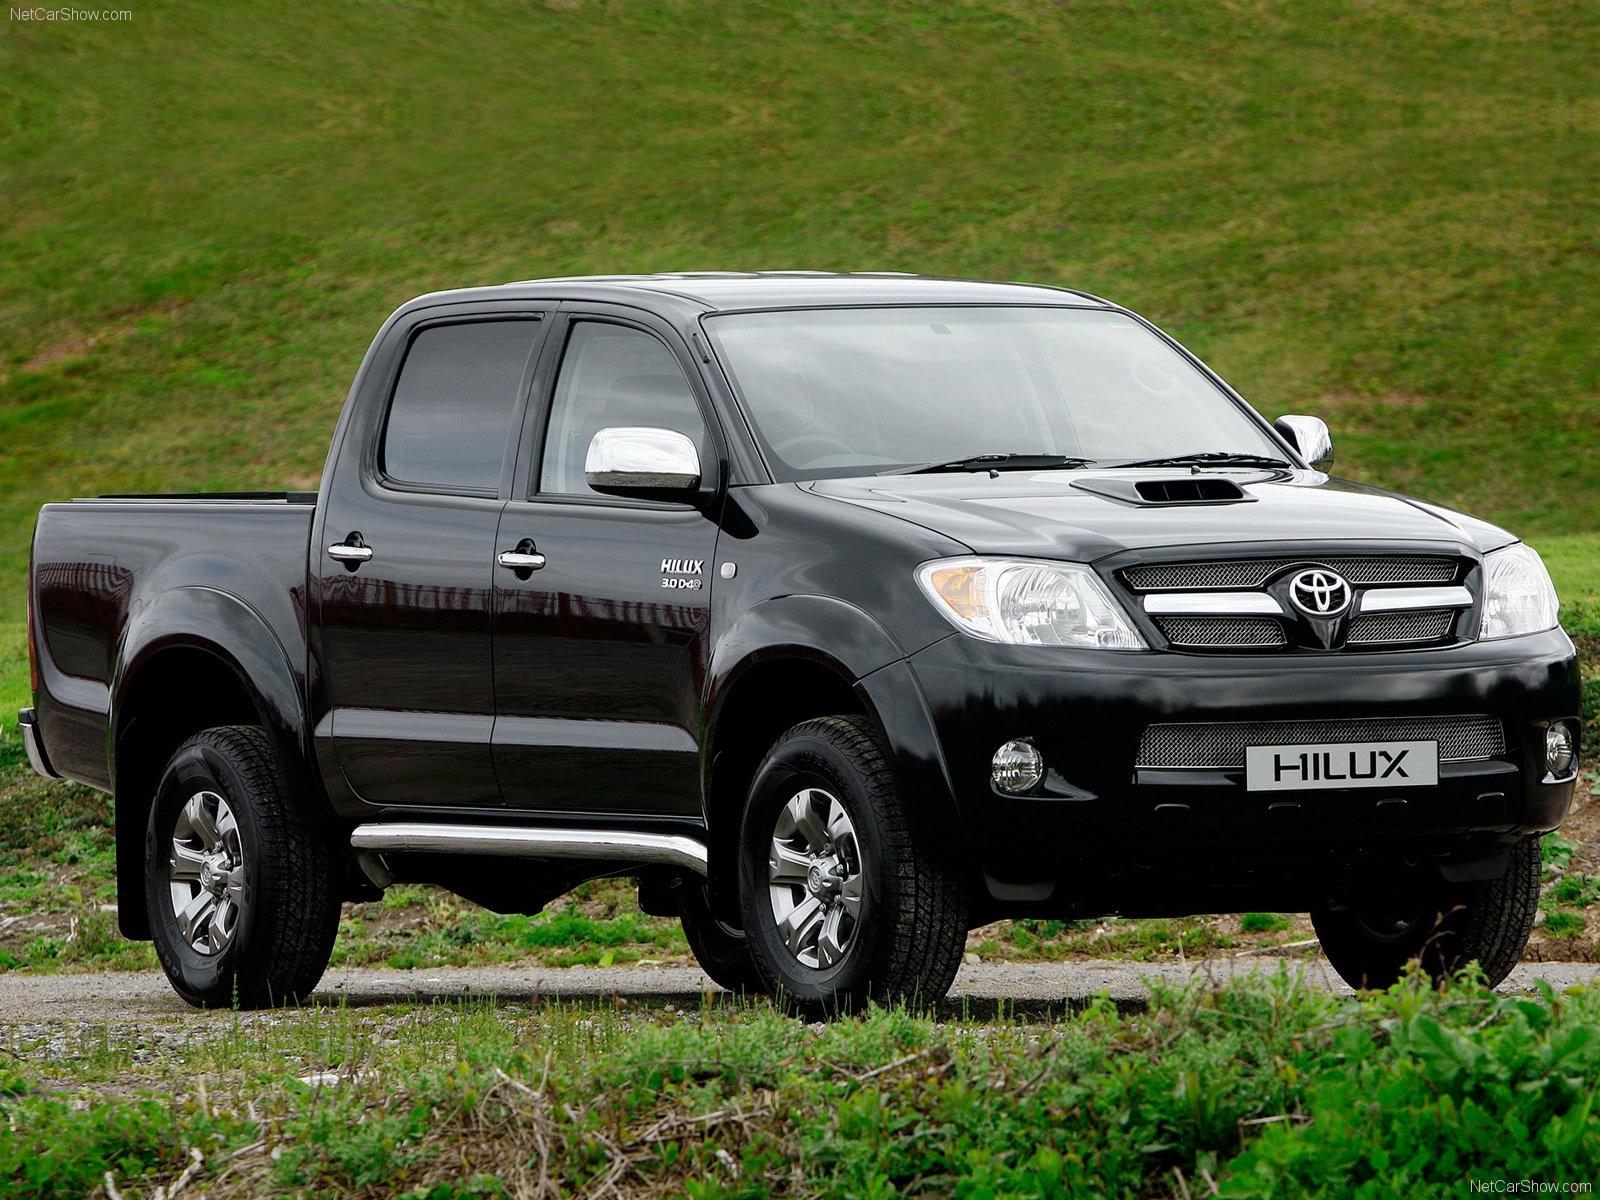 Déflecteur de Vent de voiture noir déflecteur de fenêtre de voiture pare-pluie pour Toyota Hilux Vigo 2005-2014 - 6